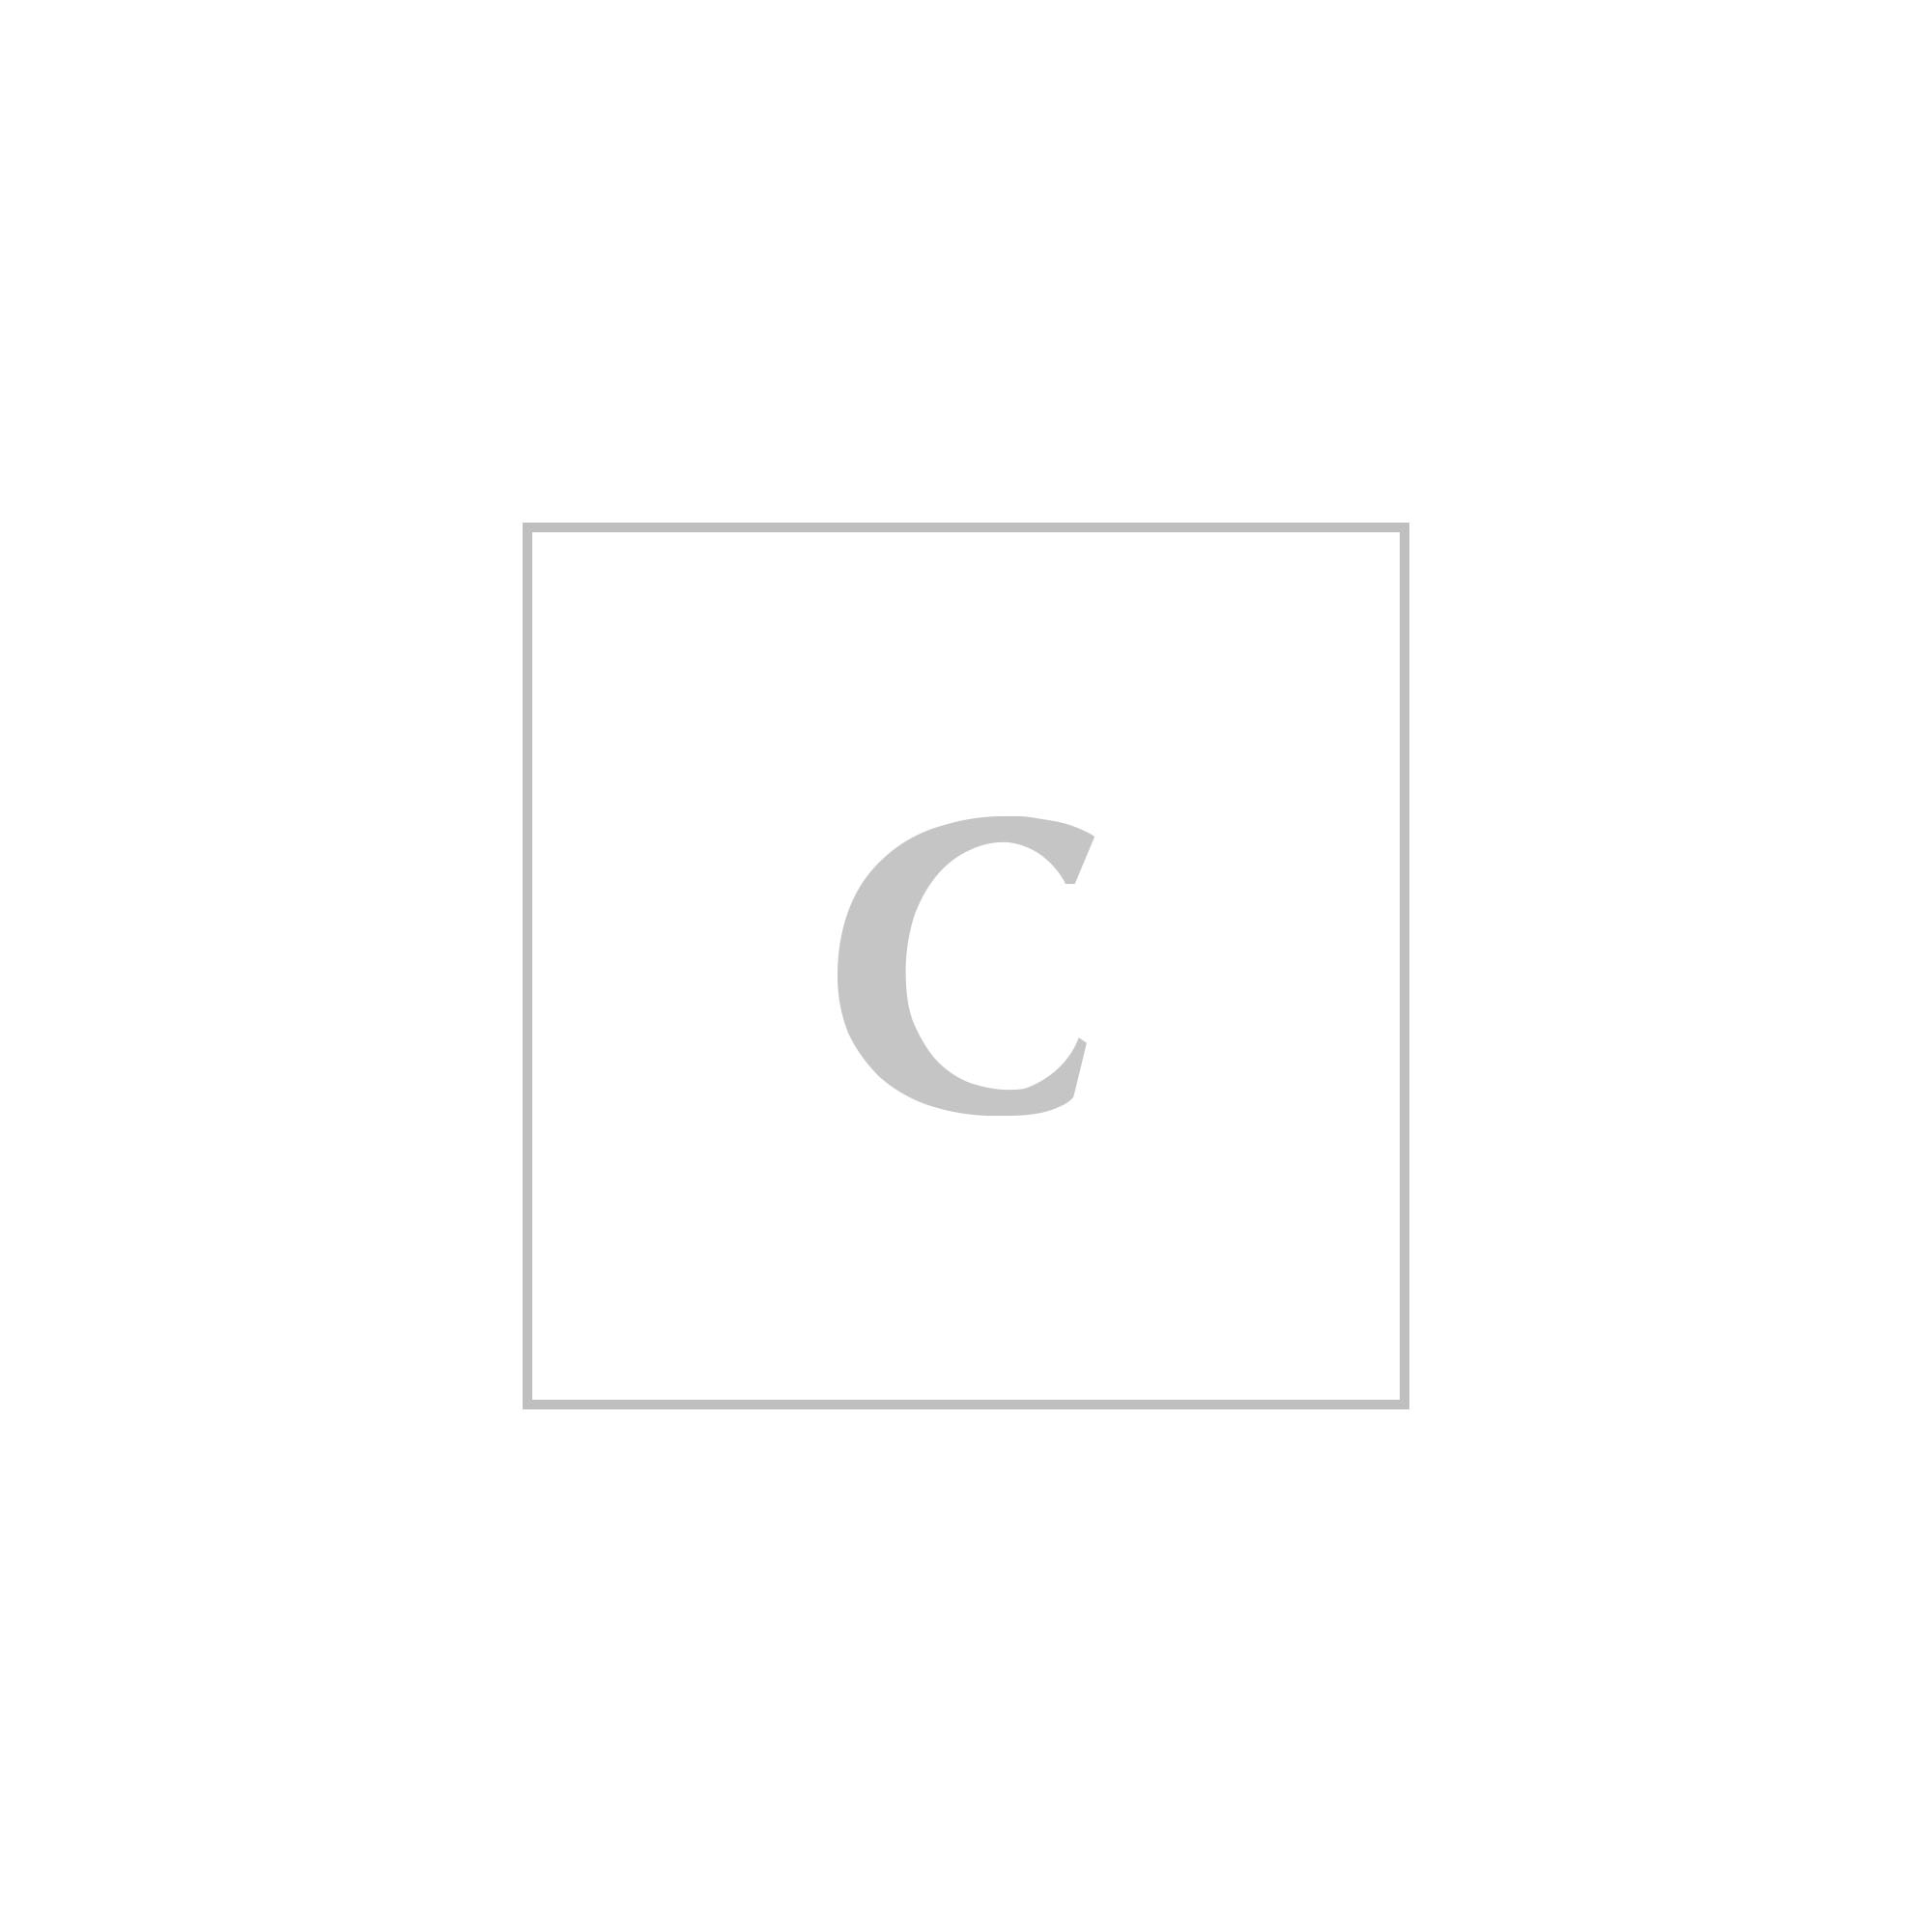 d8d2dfaed5f61 abiti j-w-anderson nero 182036dab000001-999-3.jpg